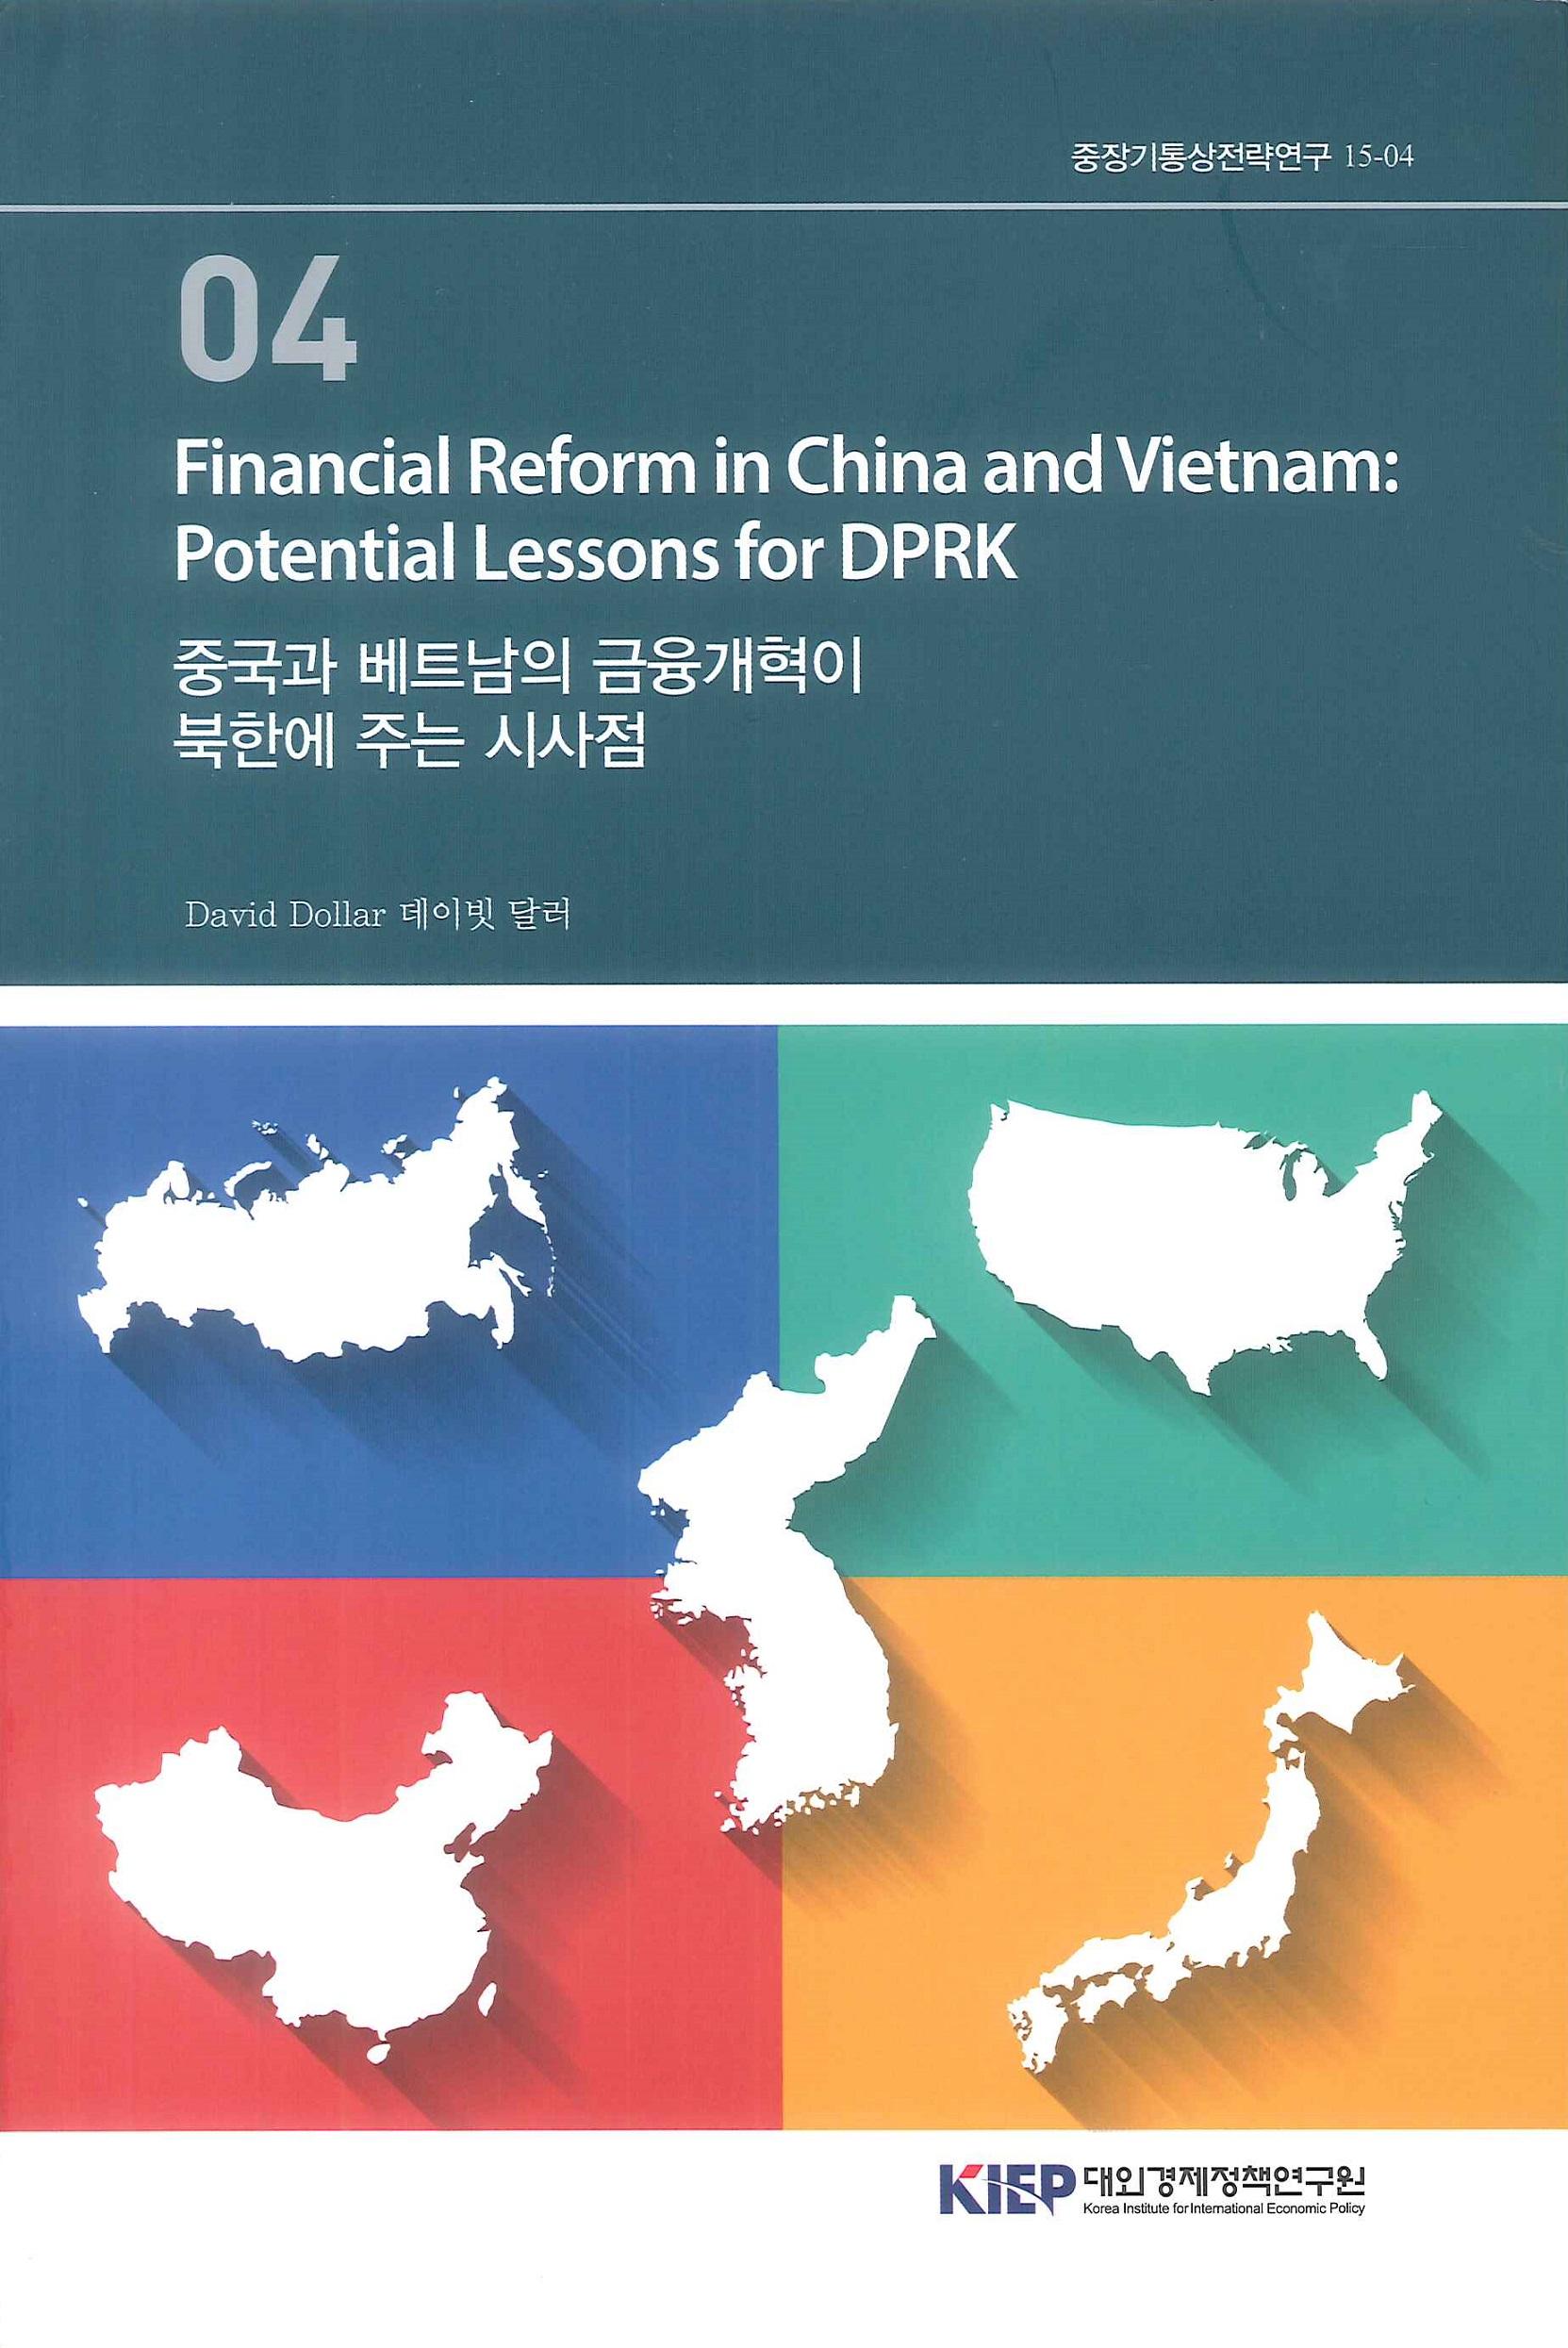 중국과 베트남의 금융개혁이 북한에 주는 시사점=Financial reform in China and Vietnam: potential lessons for DPRK